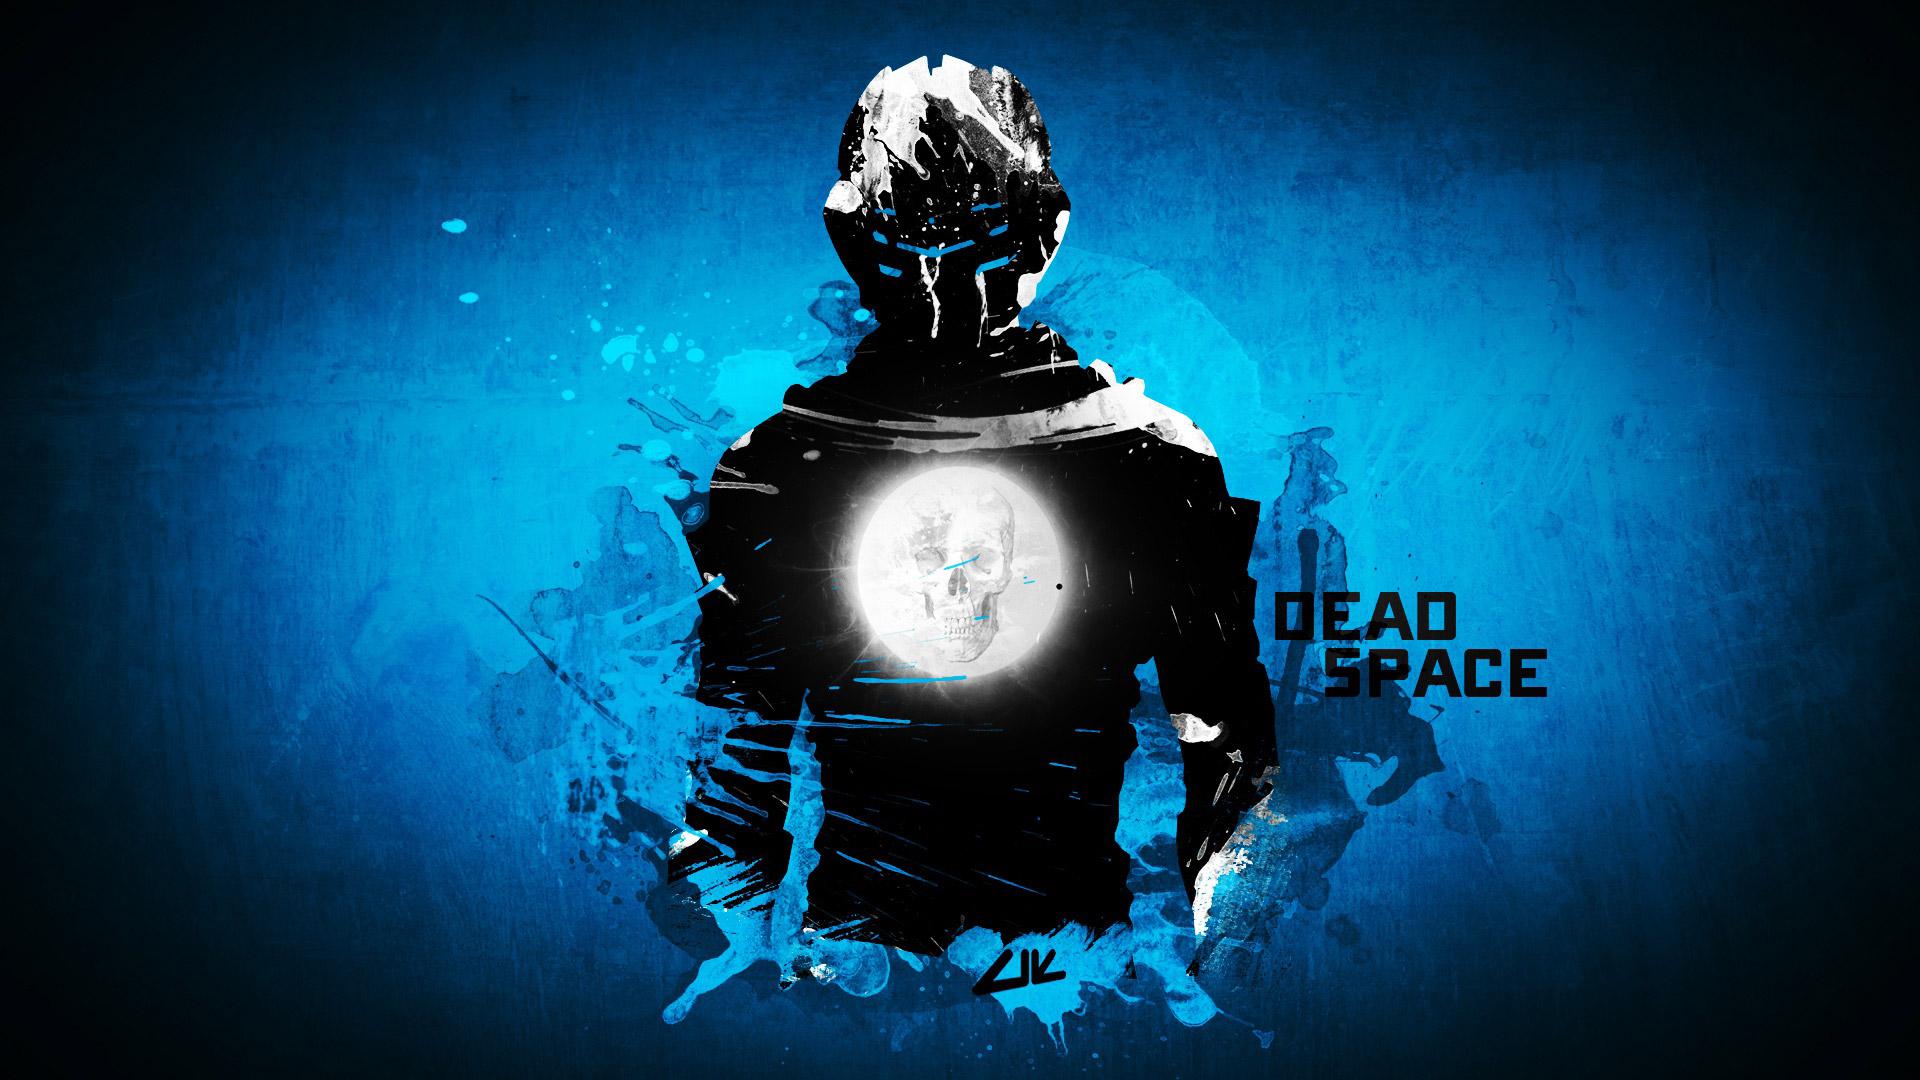 Free Dead Space Wallpaper in 1920x1080